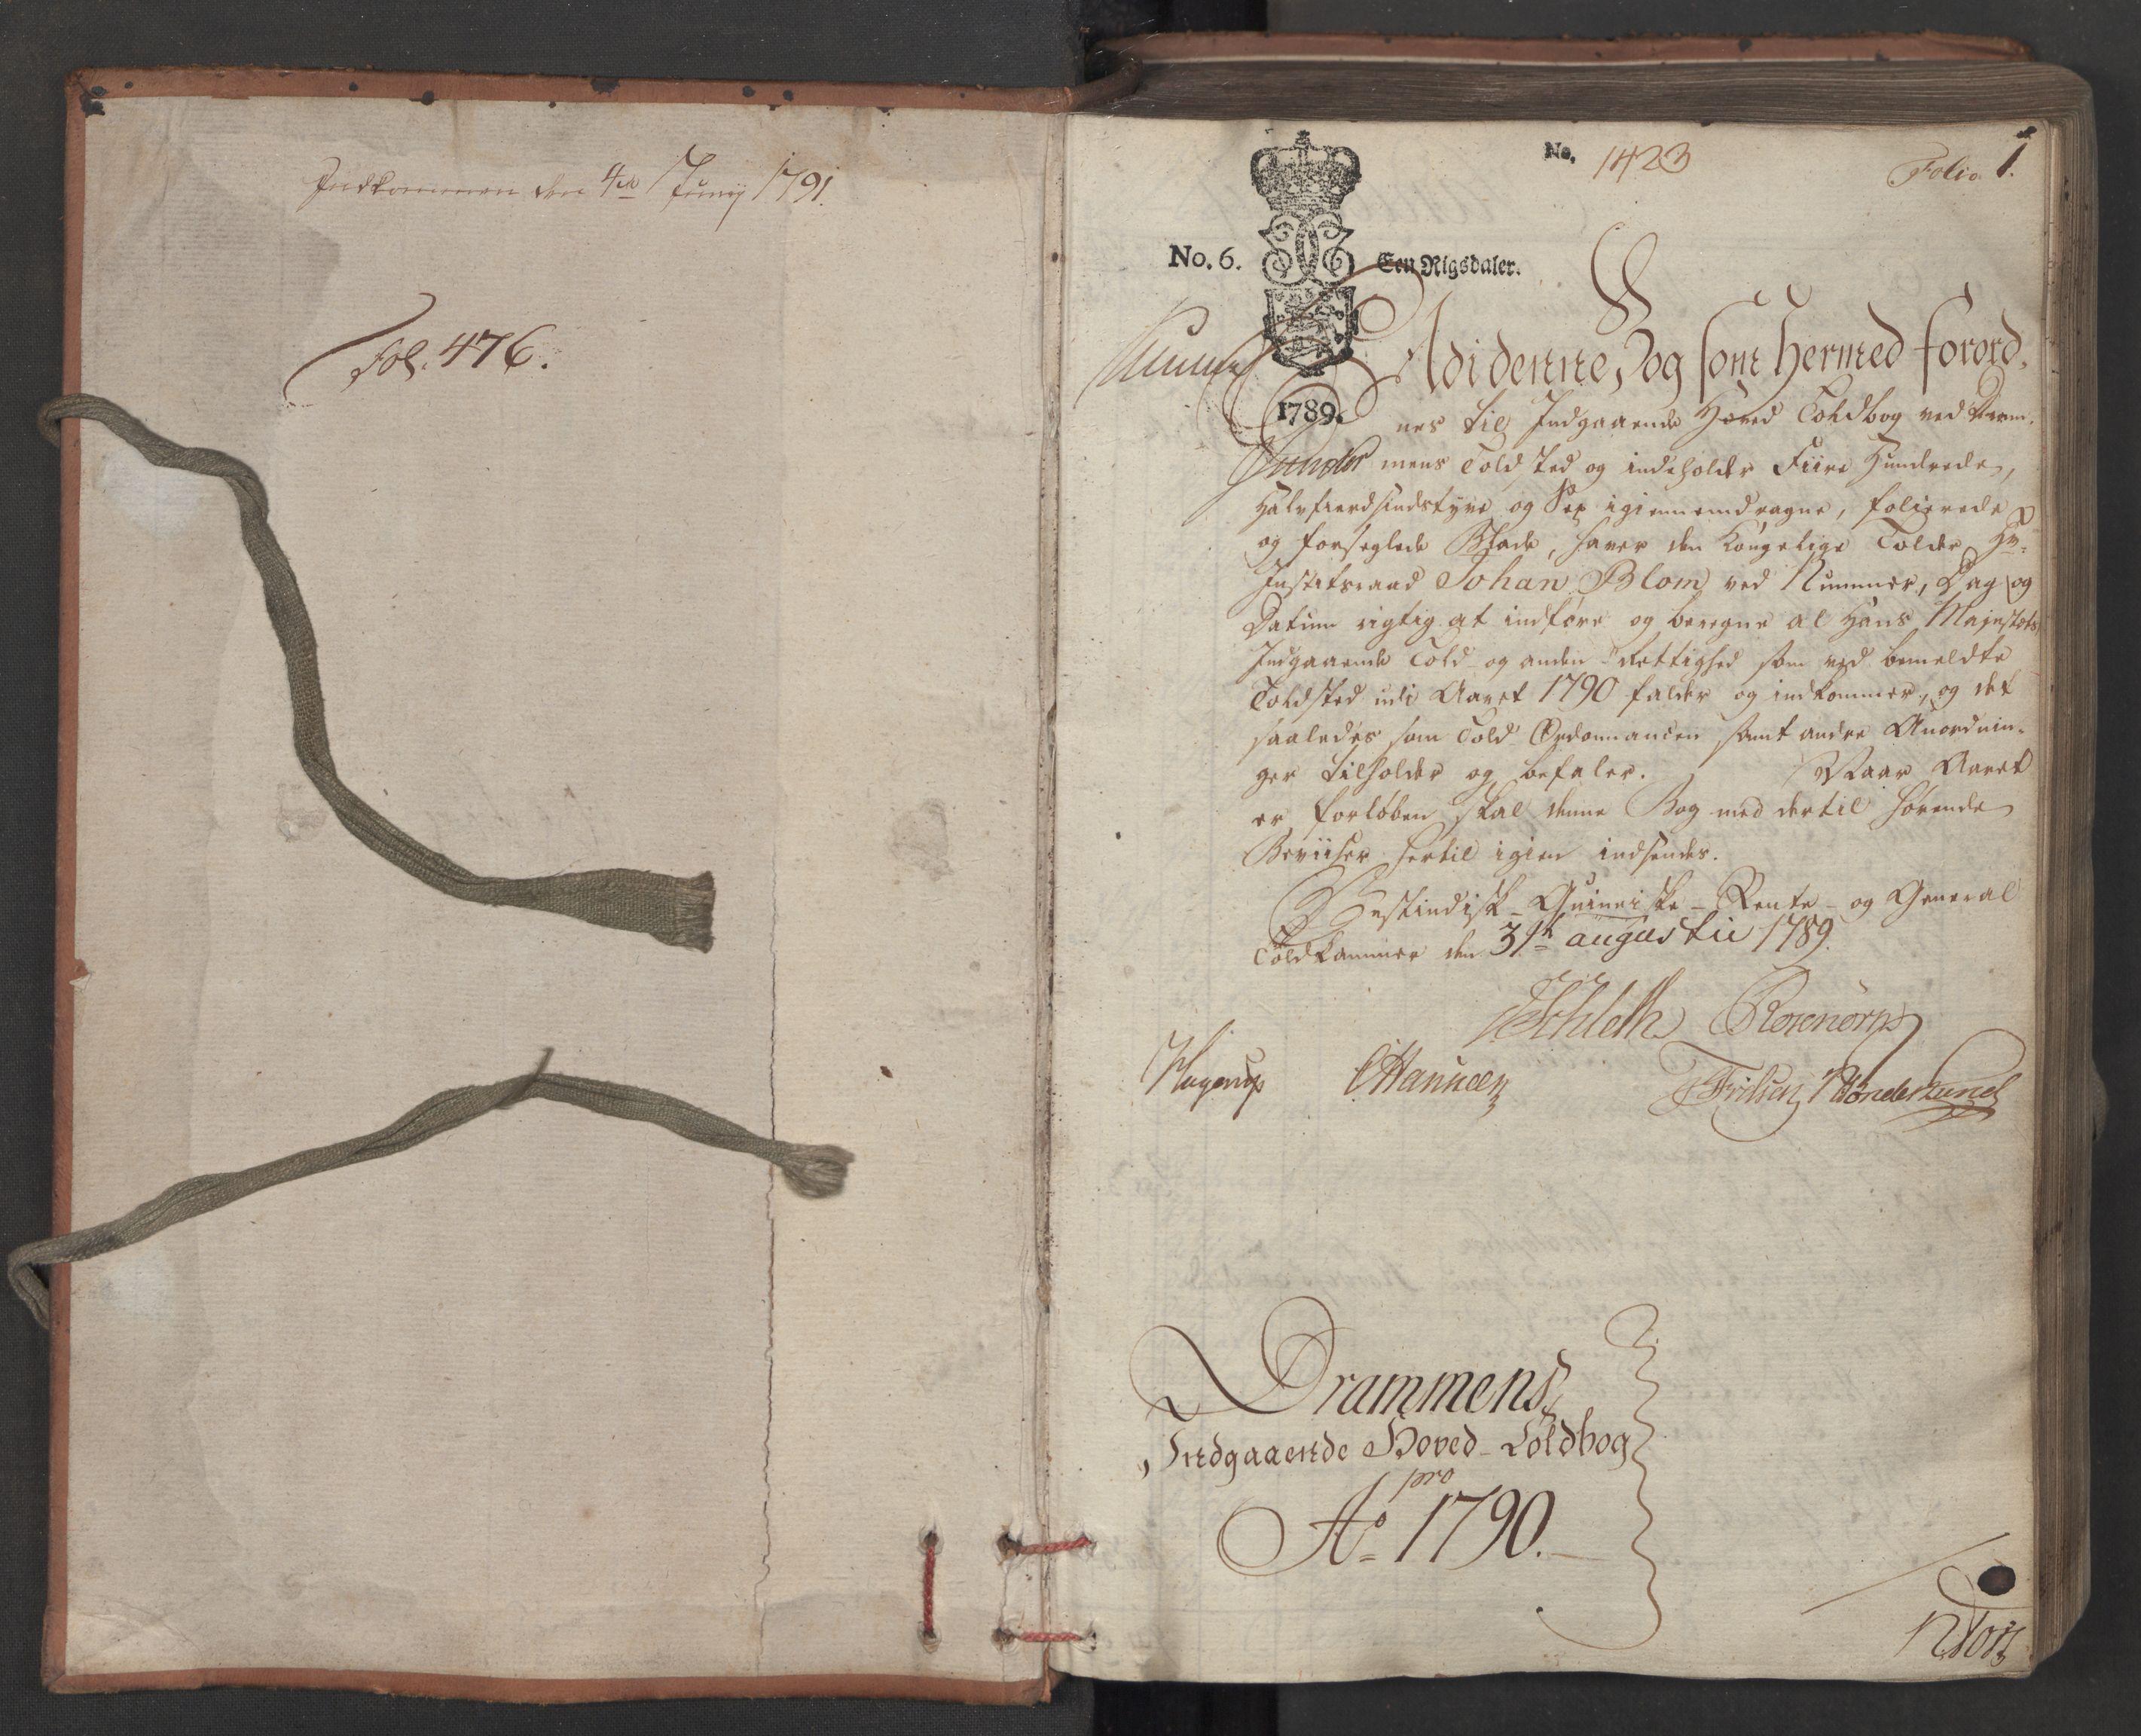 RA, Generaltollkammeret, tollregnskaper, R08/L0158: Tollregnskaper Drammen, 1790, s. 1